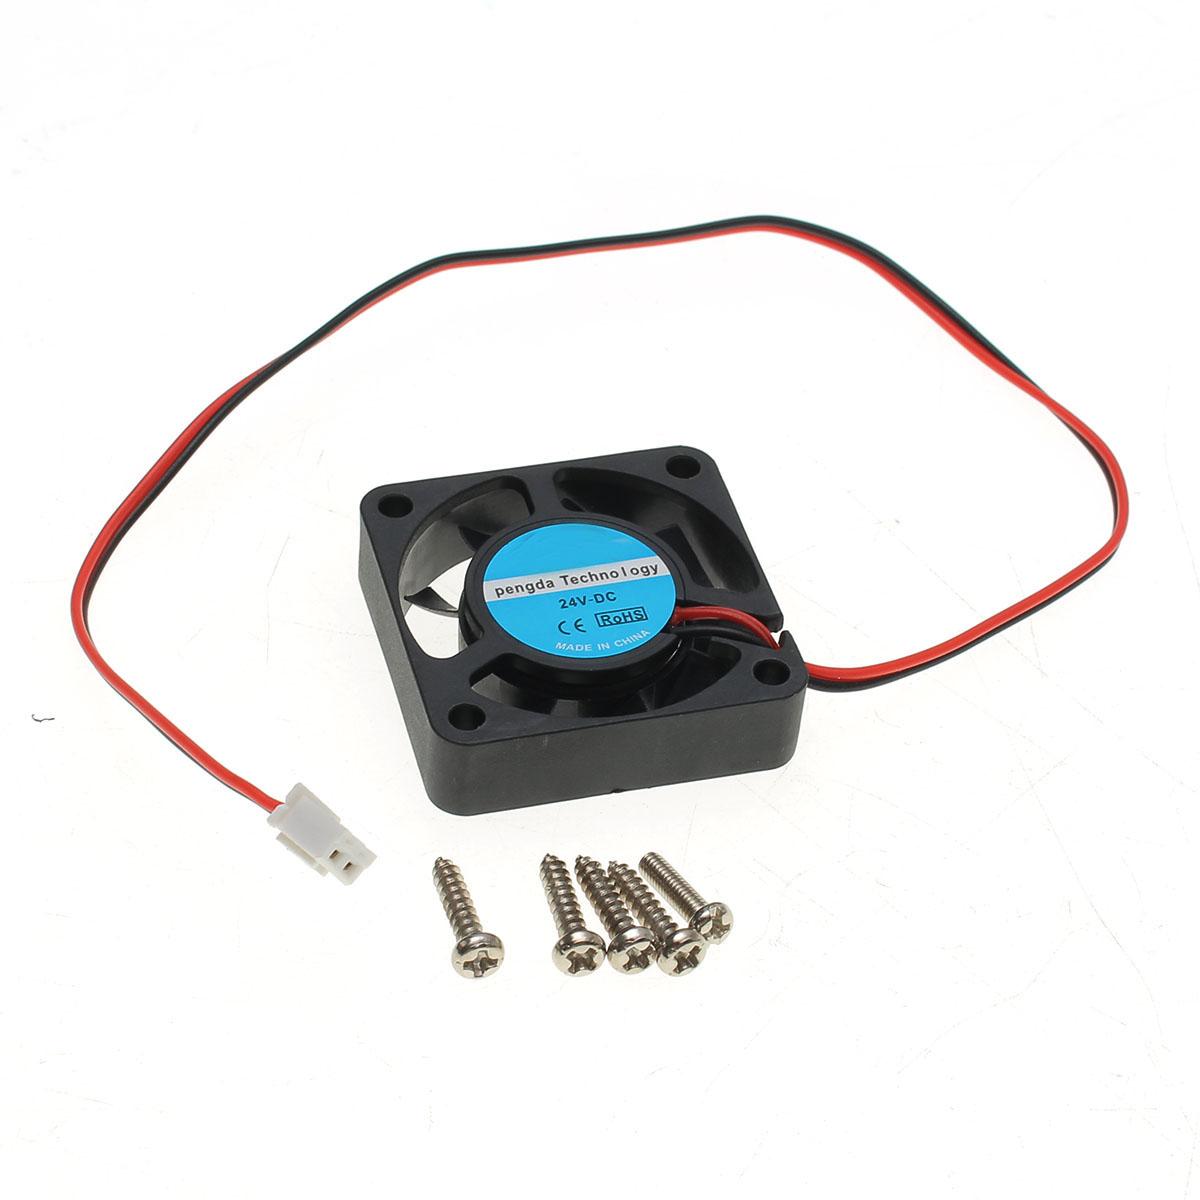 3pcs Original Hiland Heat Sink + Cooling Fan + Mounting Screws Kit For 0-30V 0-28V Universal Power Supply